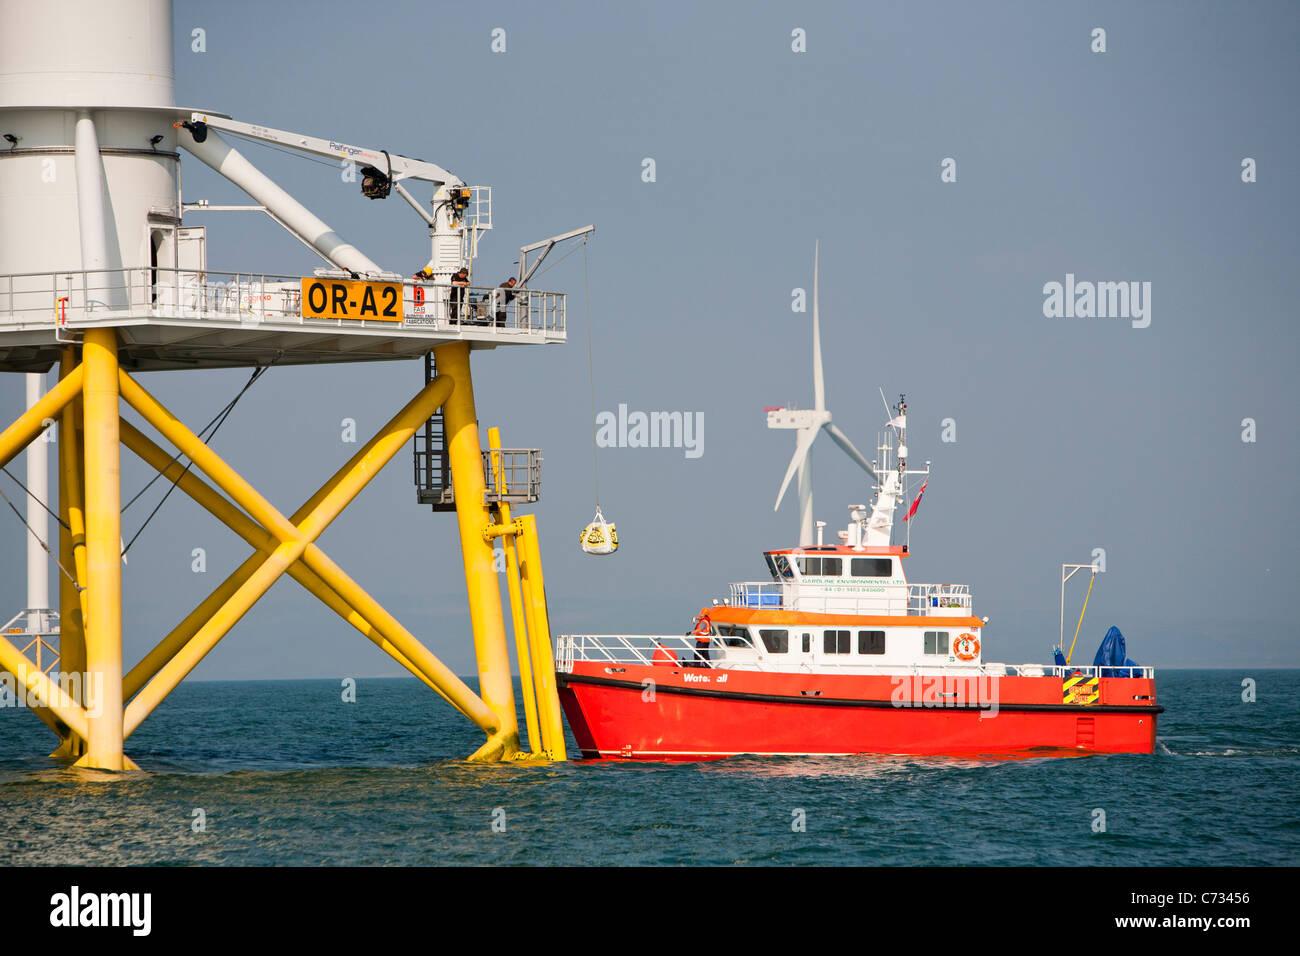 La construcción del parque eólico offshore Ormonde, las turbinas de 5MW son las más potentes en el mundo Foto de stock